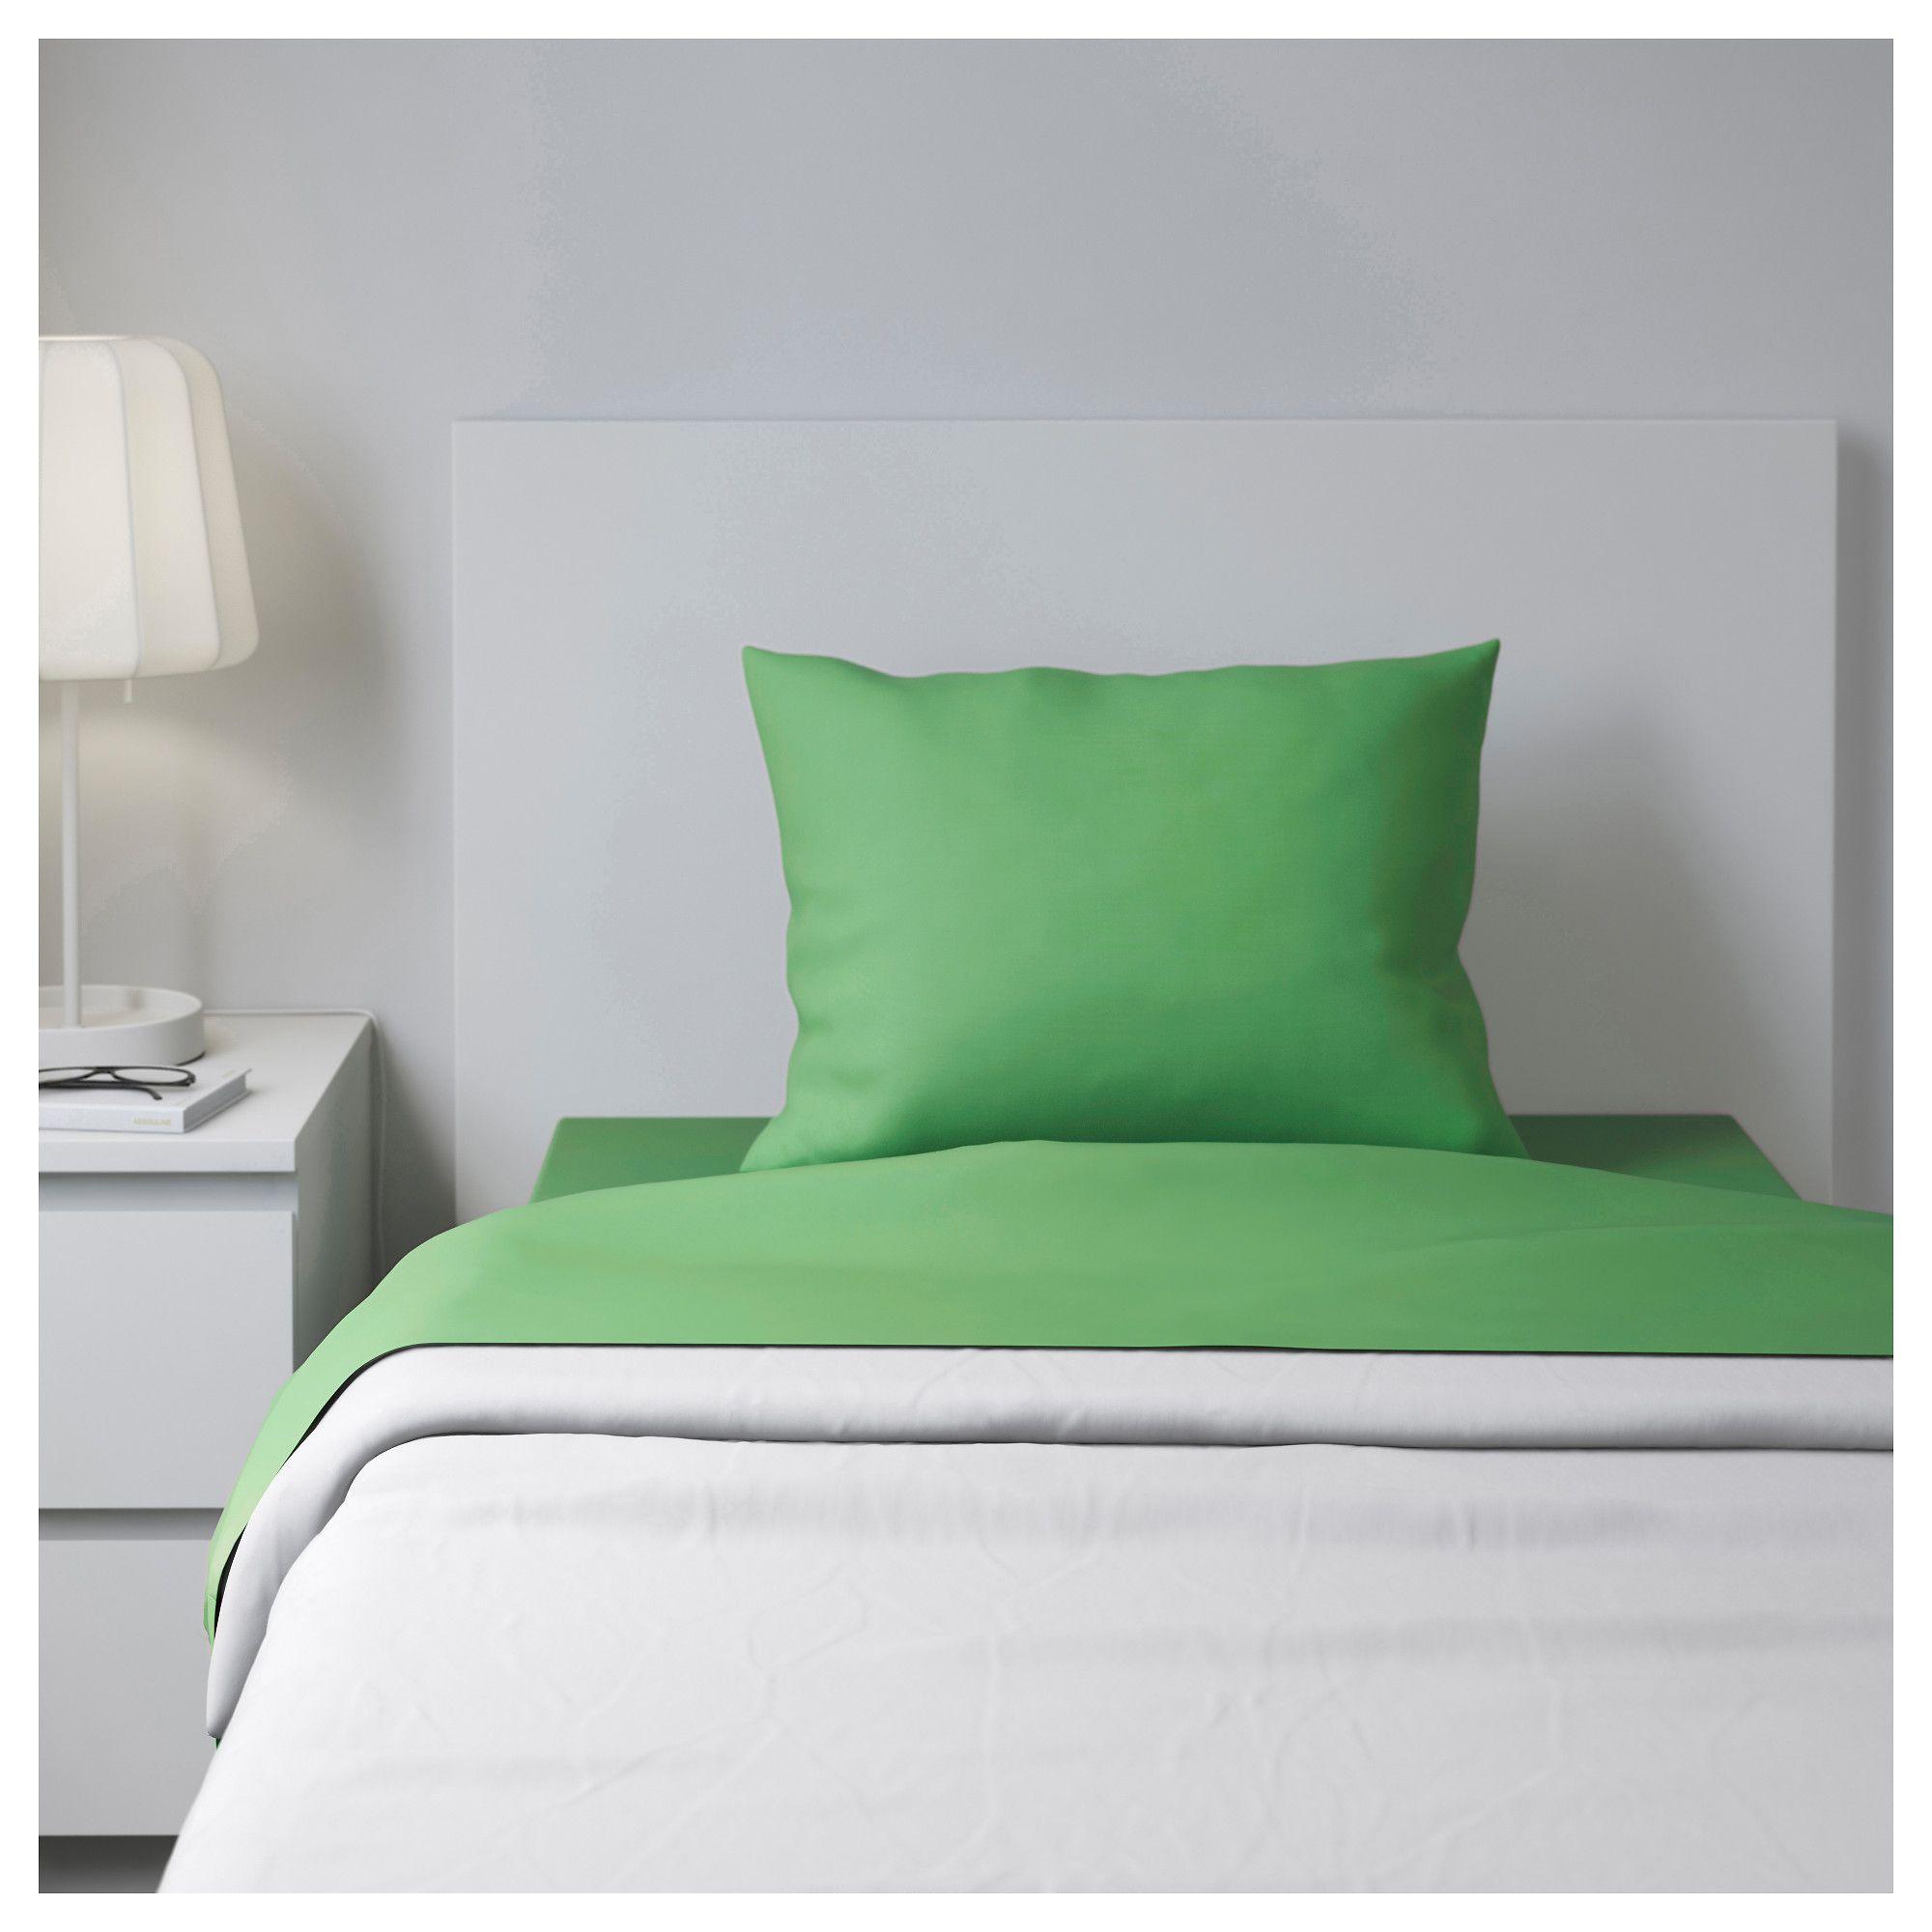 wwwikea bedroom furniture. Http://www.ikea.com/us/en/catalog/products/60296503/ Wwwikea Bedroom Furniture